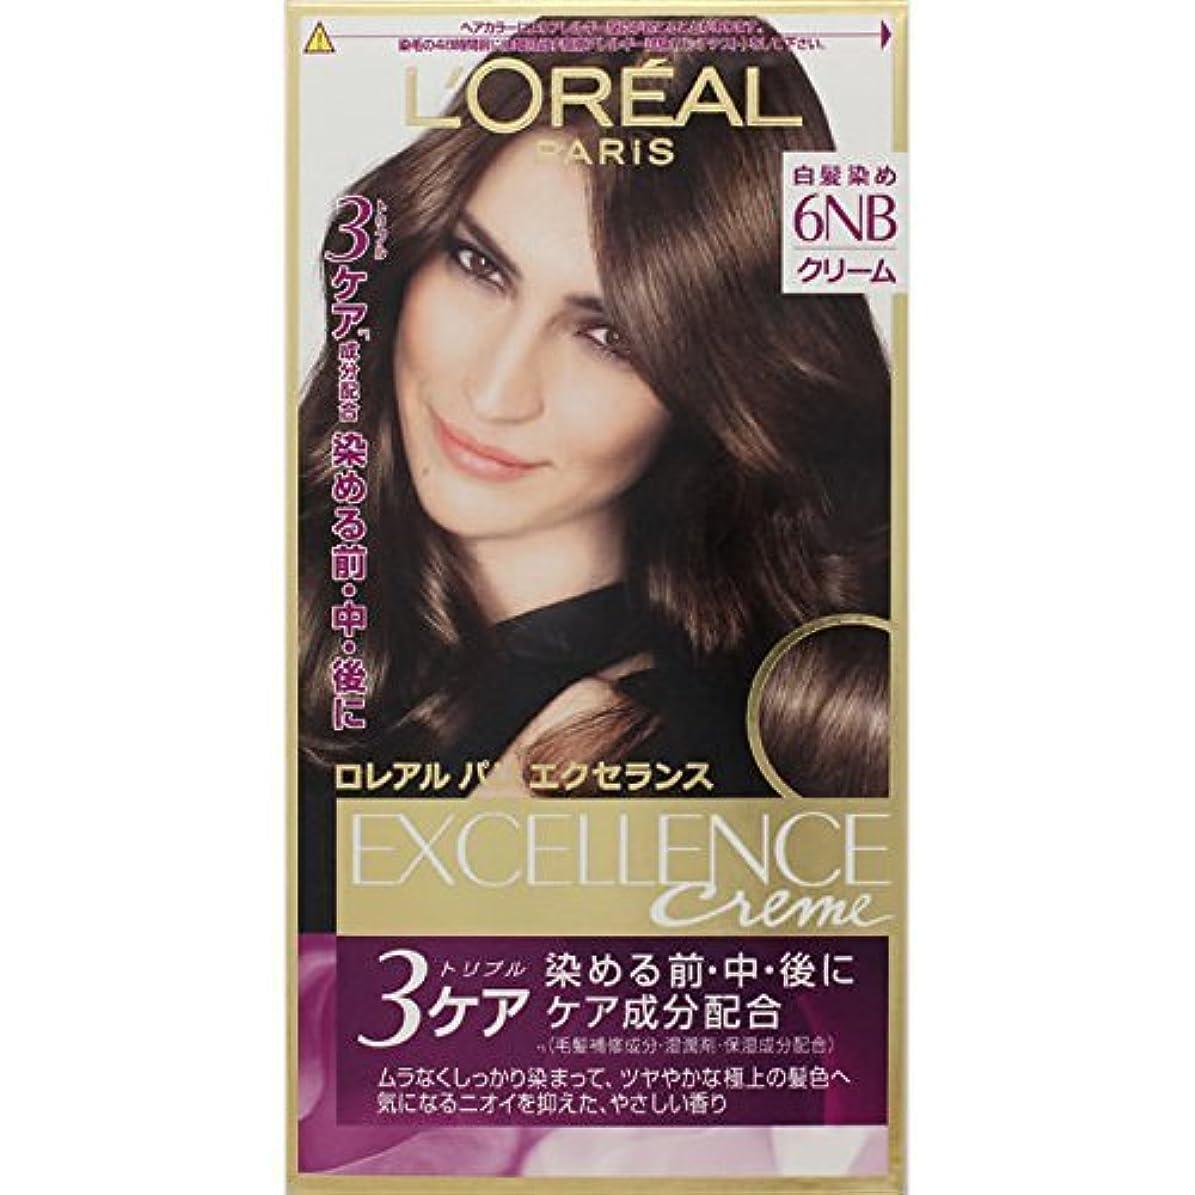 ギャング鋸歯状起点ロレアル パリ ヘアカラー 白髪染め エクセランス N クリームタイプ 6NB やや明るい自然な栗色